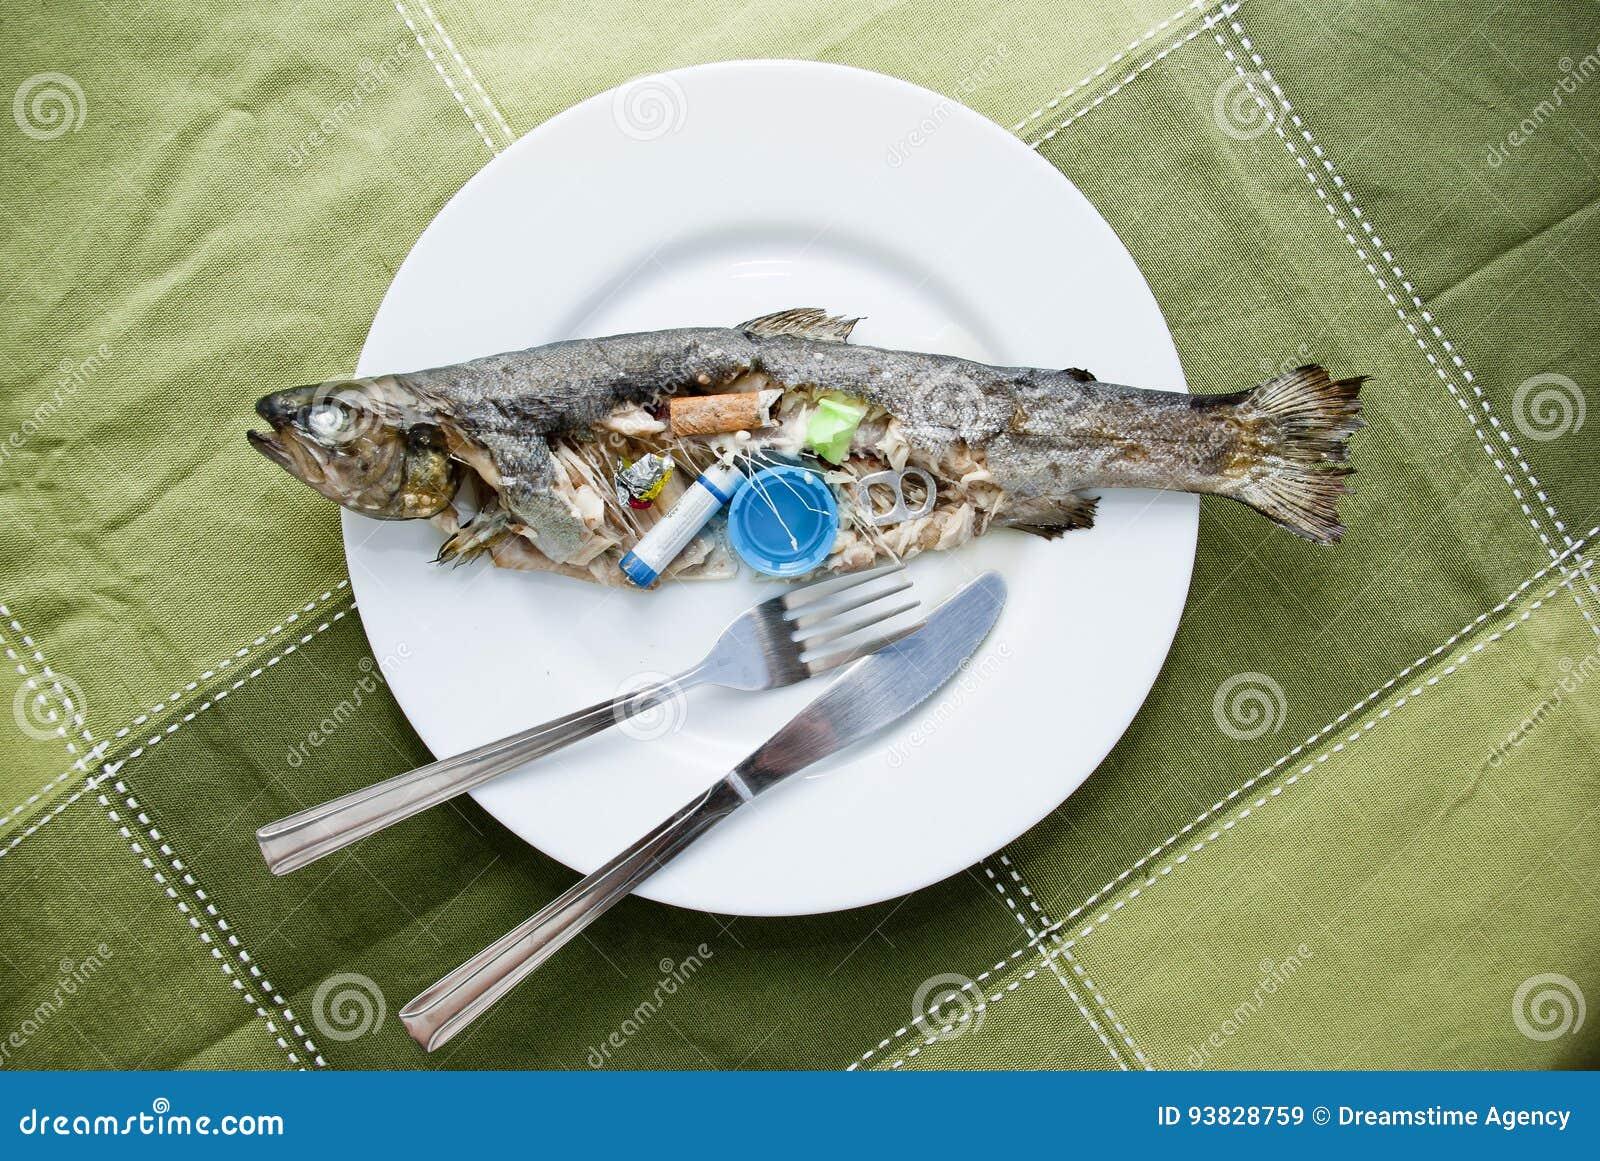 Kontaminerad fisk